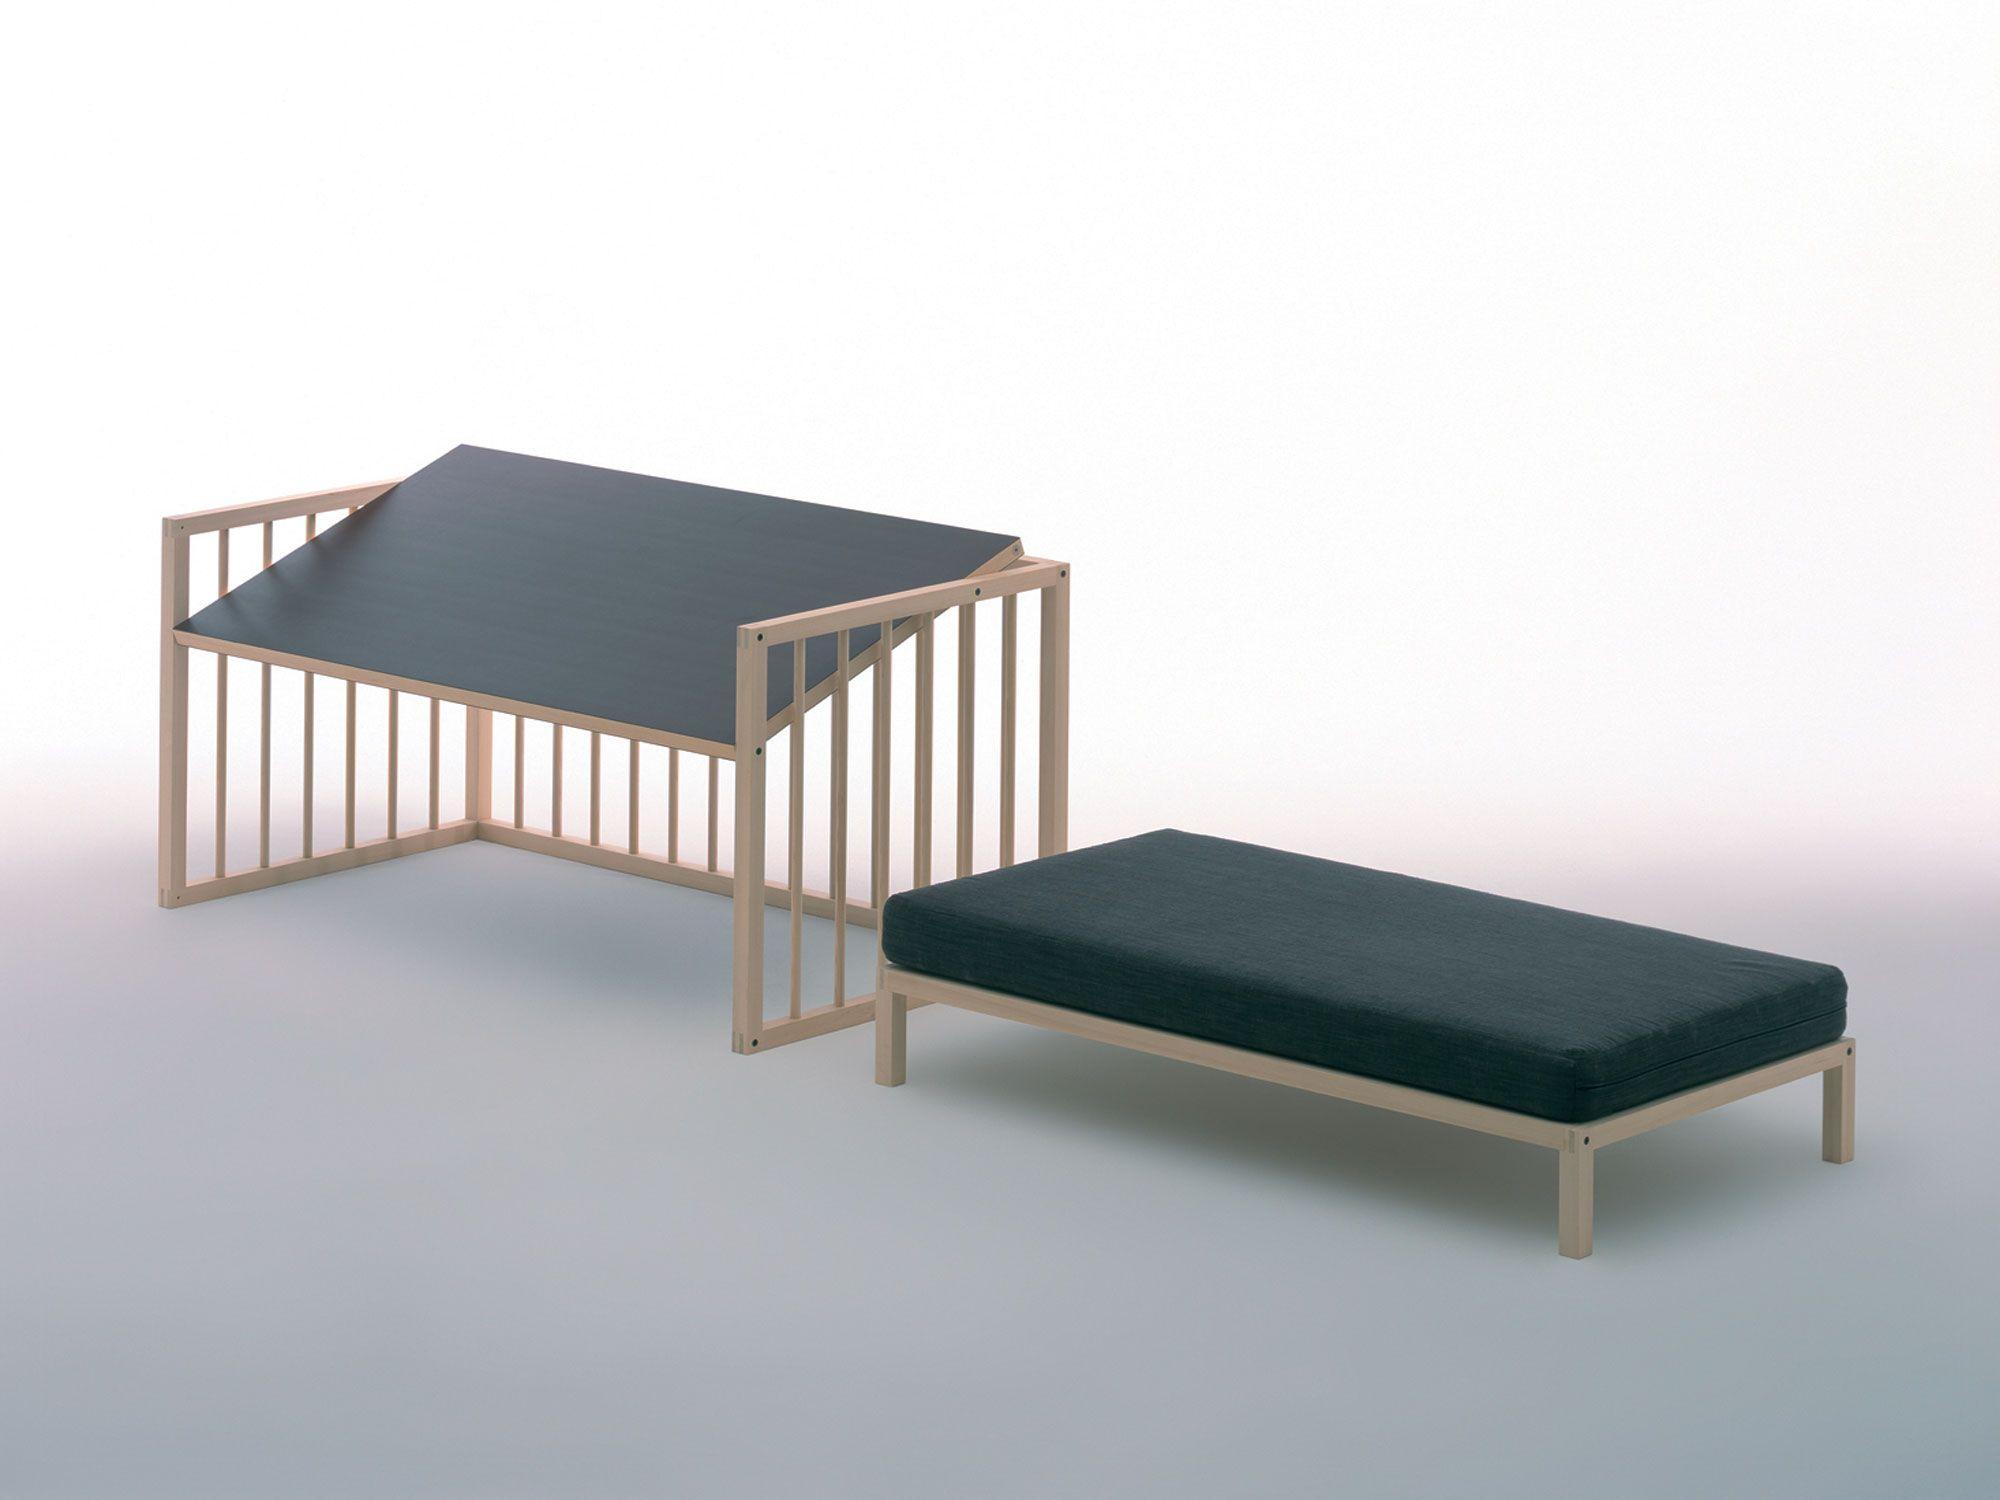 Kinderbett mitwachsend  Kinderbett, Bett, mitwachsend | Tischlerei Bereuter | Pinterest